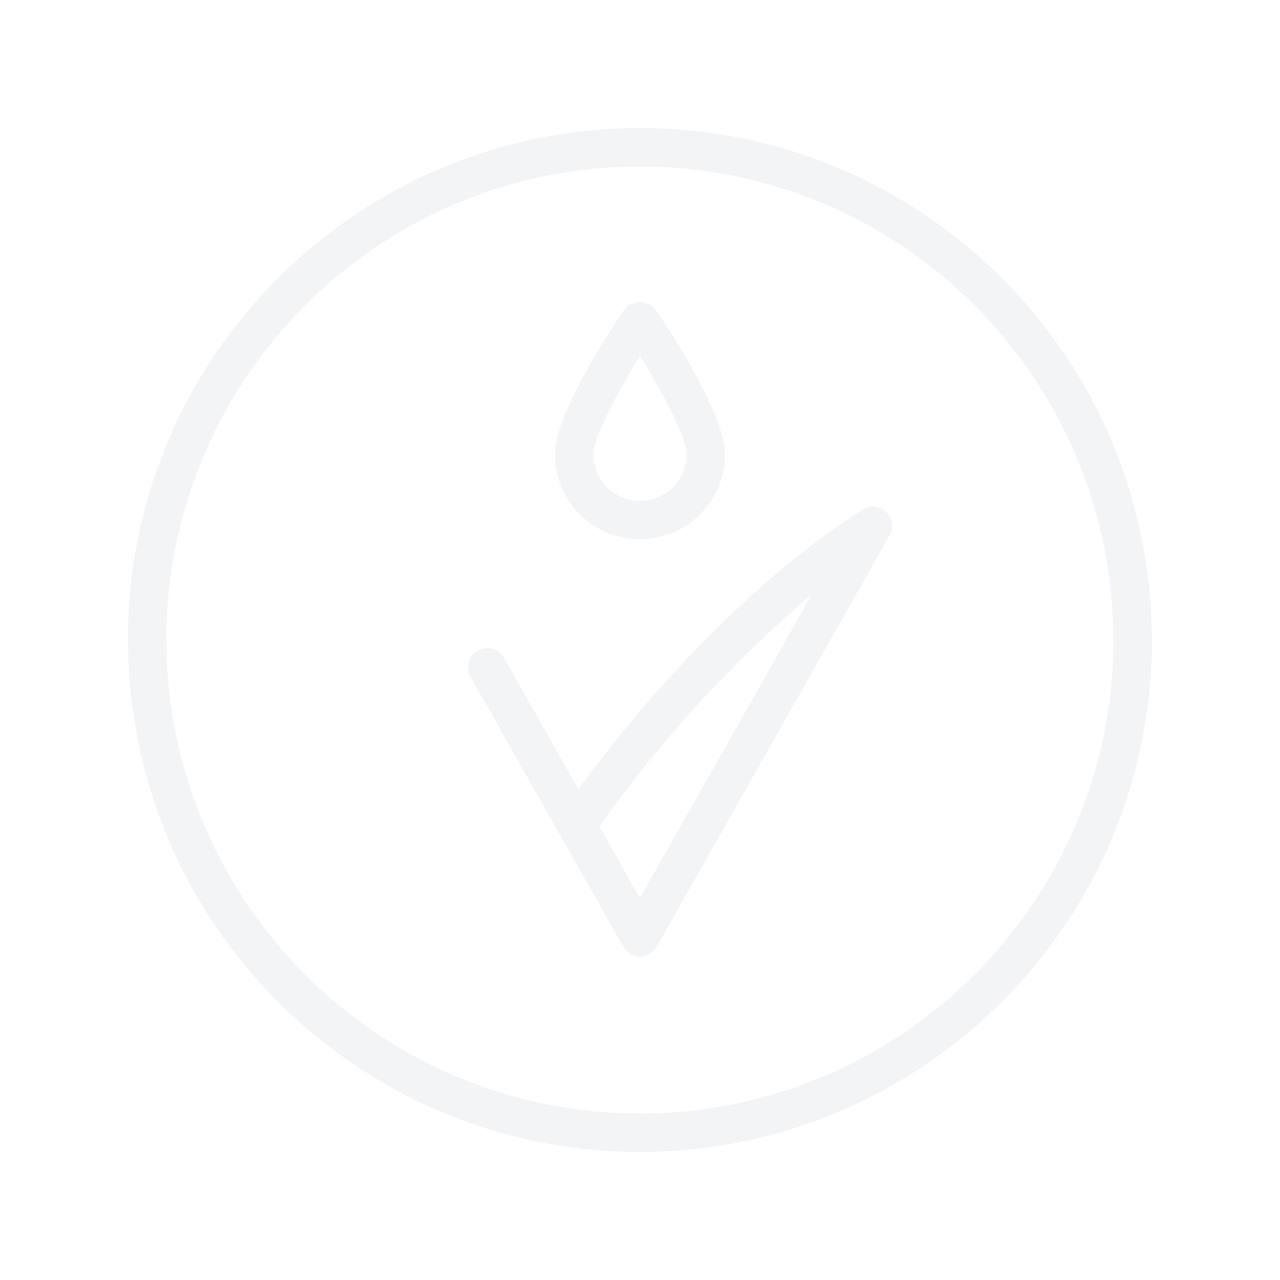 GOSH Precious Powder Pearls 25g